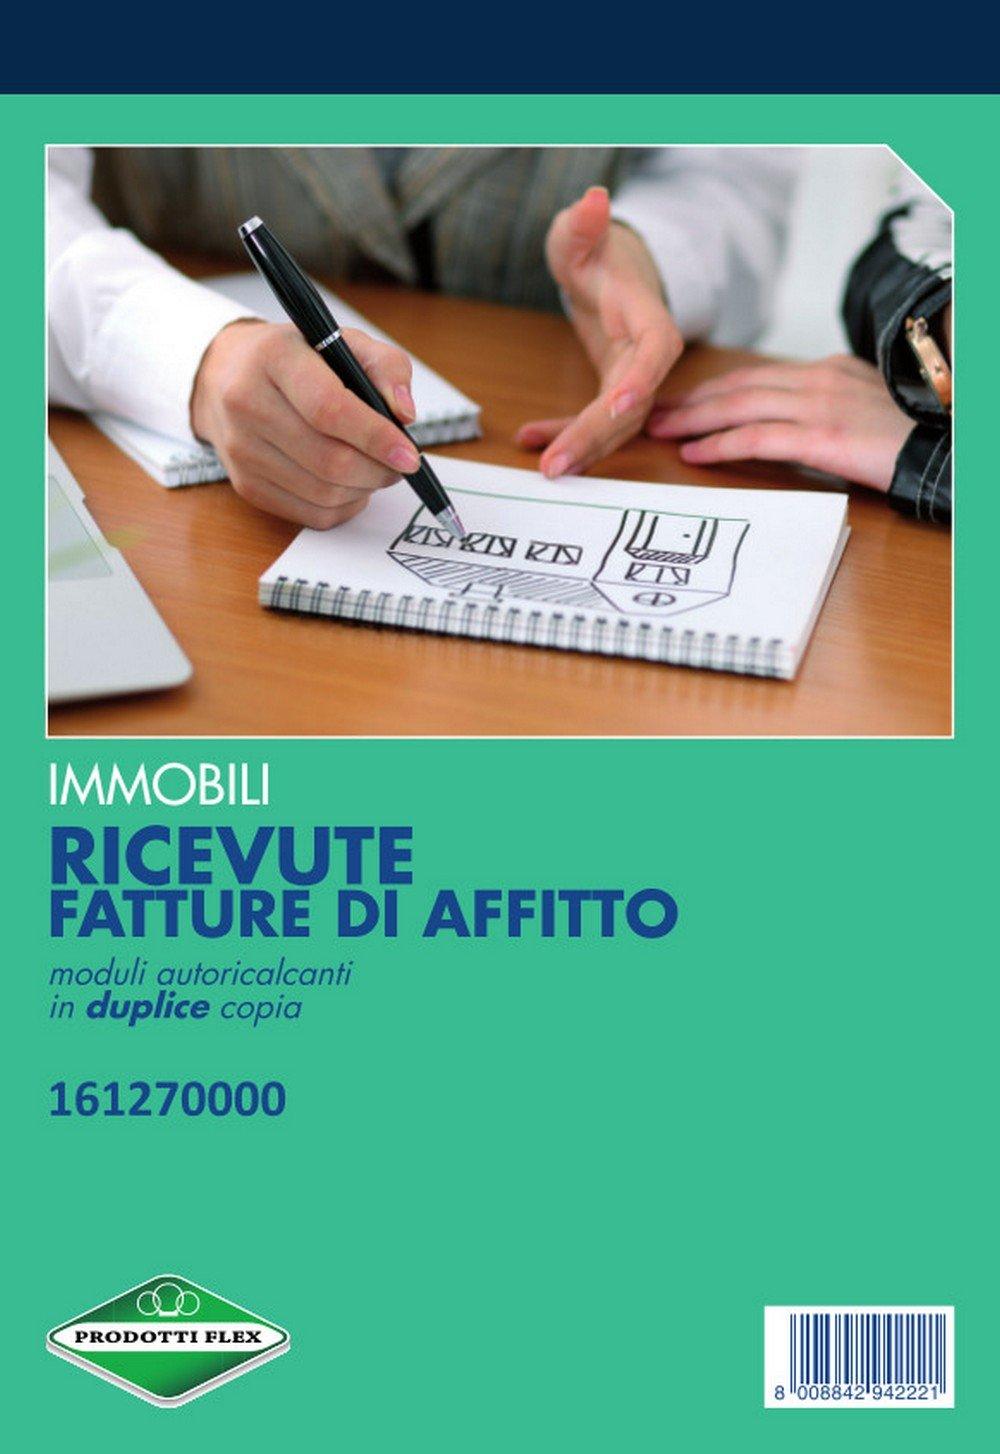 FLEX 16127000 BLOCCO RICEVUTA AFFITTO 23X15 2C conf. da 5 pz.